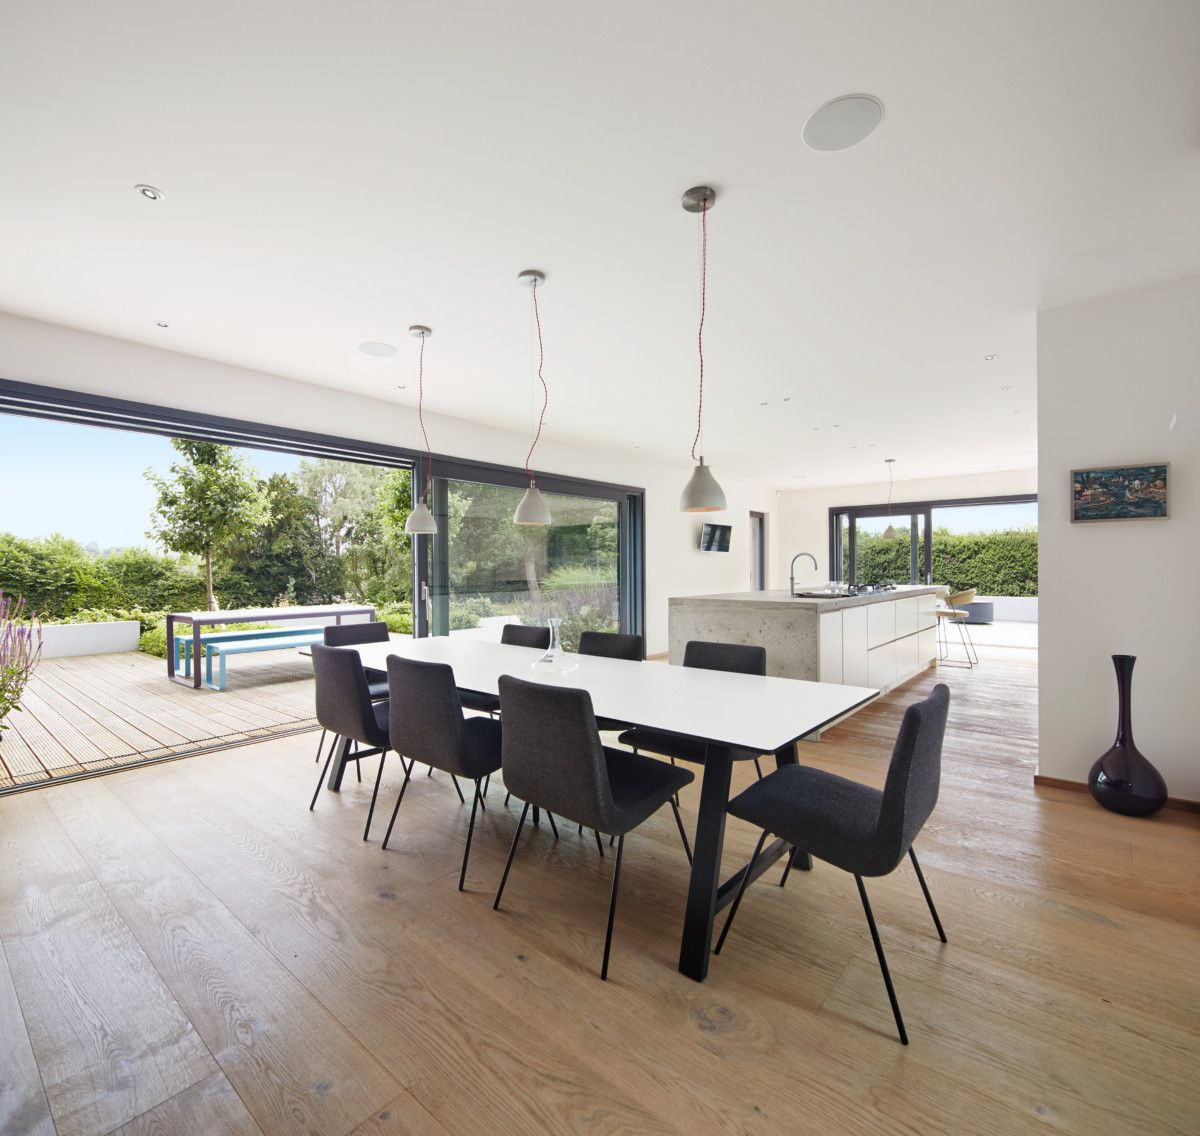 Modernes bungalow innenarchitektur wohnzimmer nahtloser Übergang  köln  bonn cube magazin  bungalows